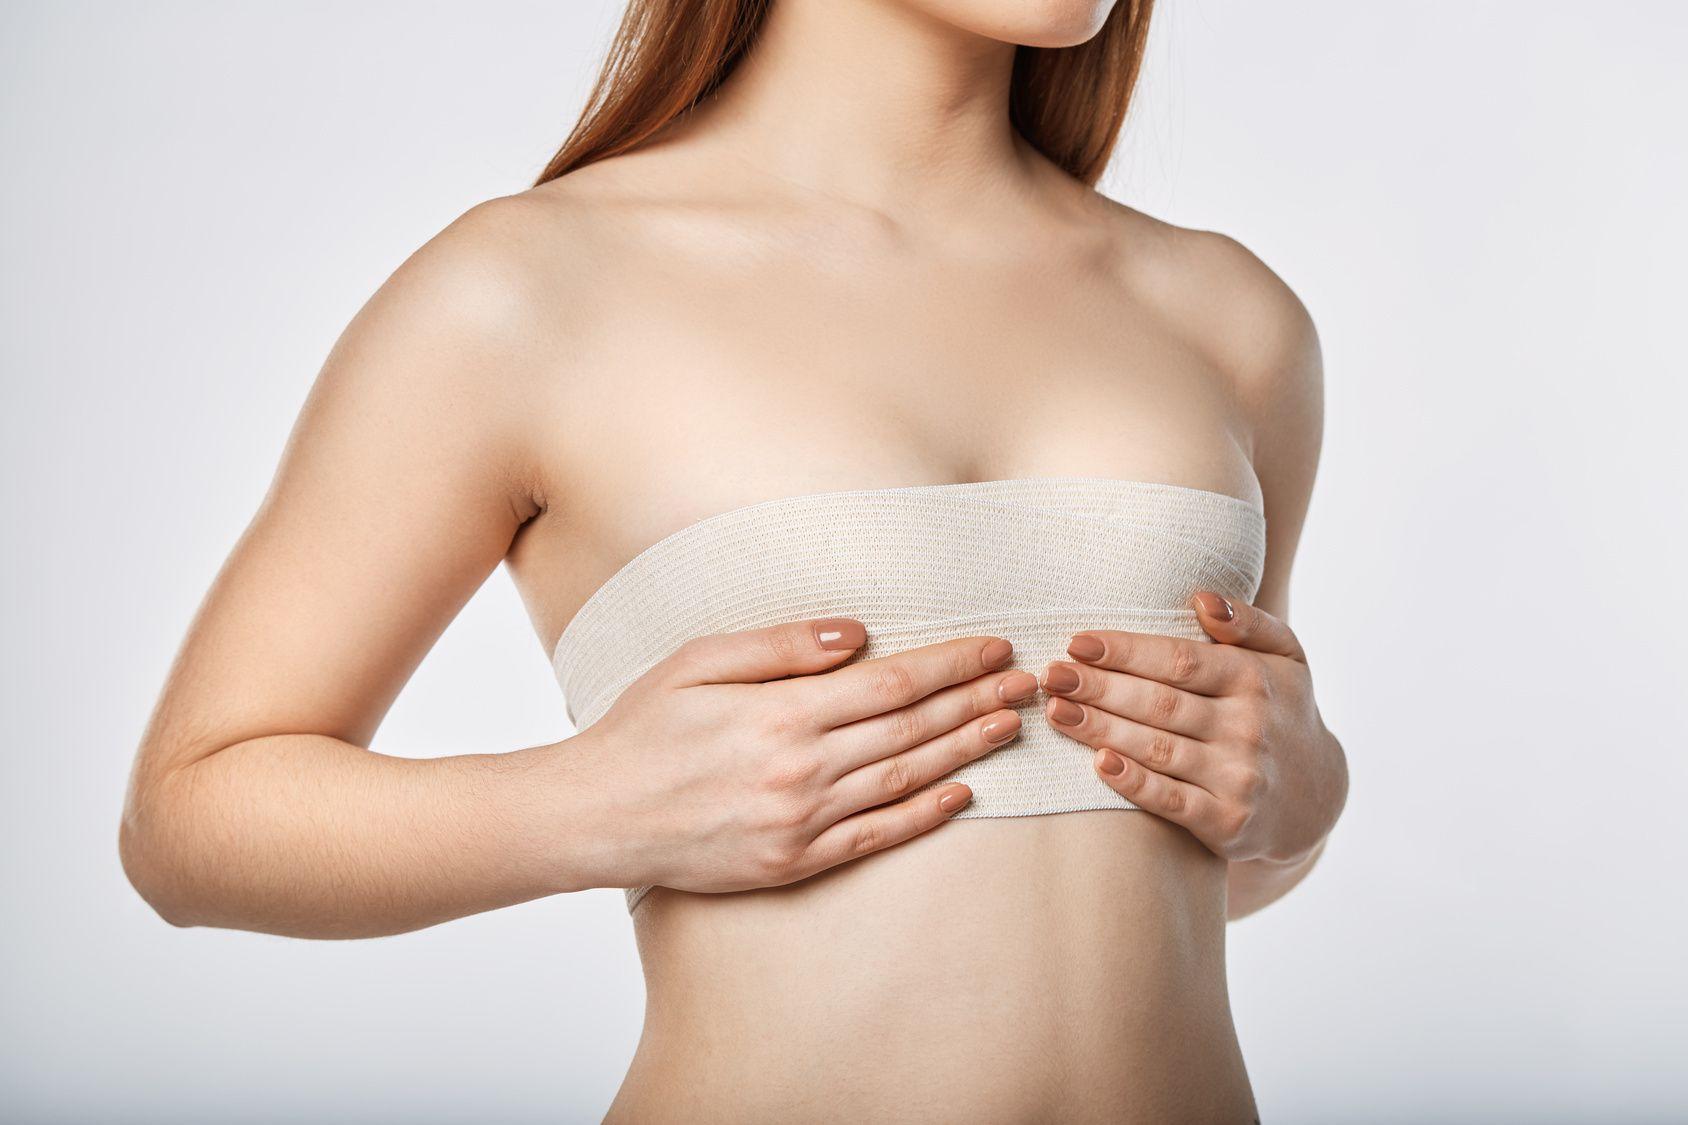 คุณควรดูแลเต้านมเทียมหลังการผ่าตัดอย่างไร?